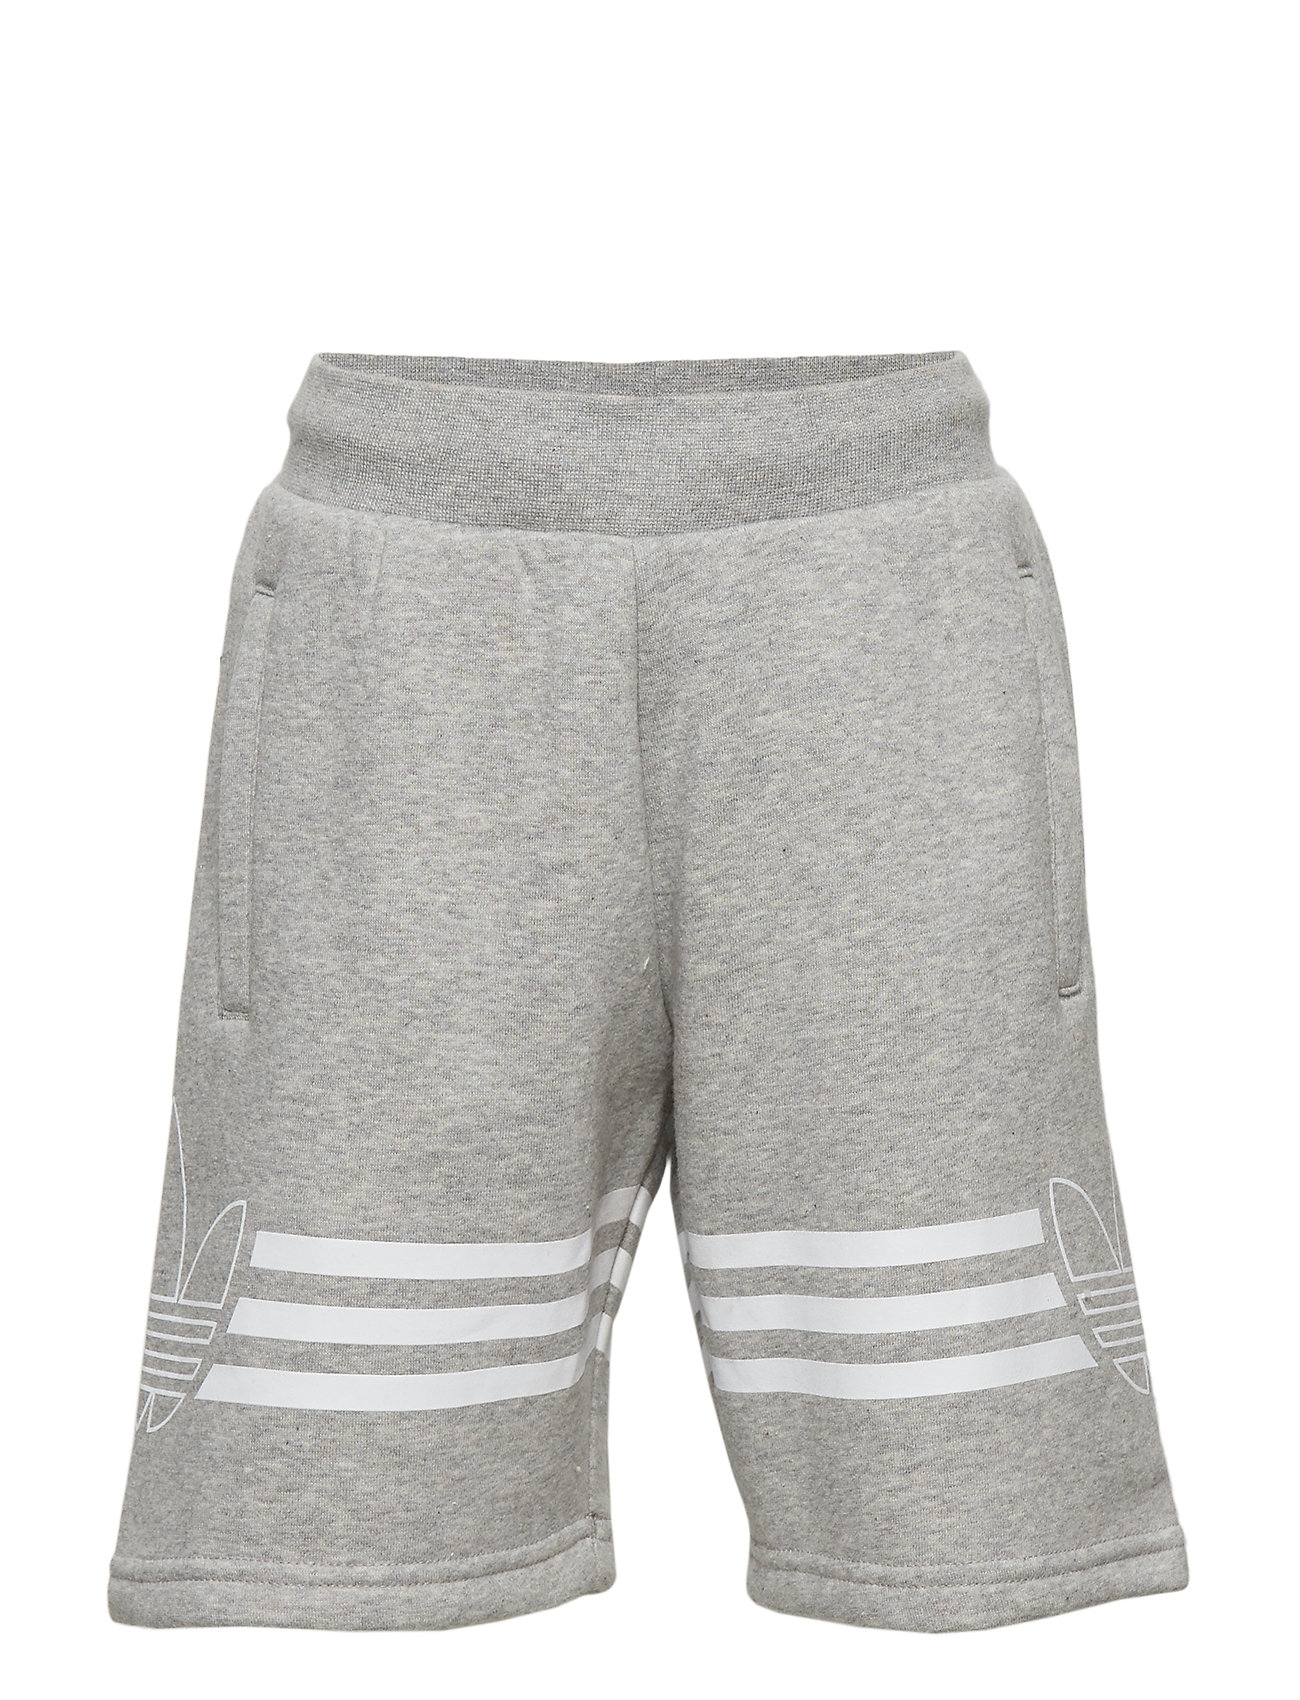 adidas Originals OUTLINE SHORTS - MGREYH/WHITE